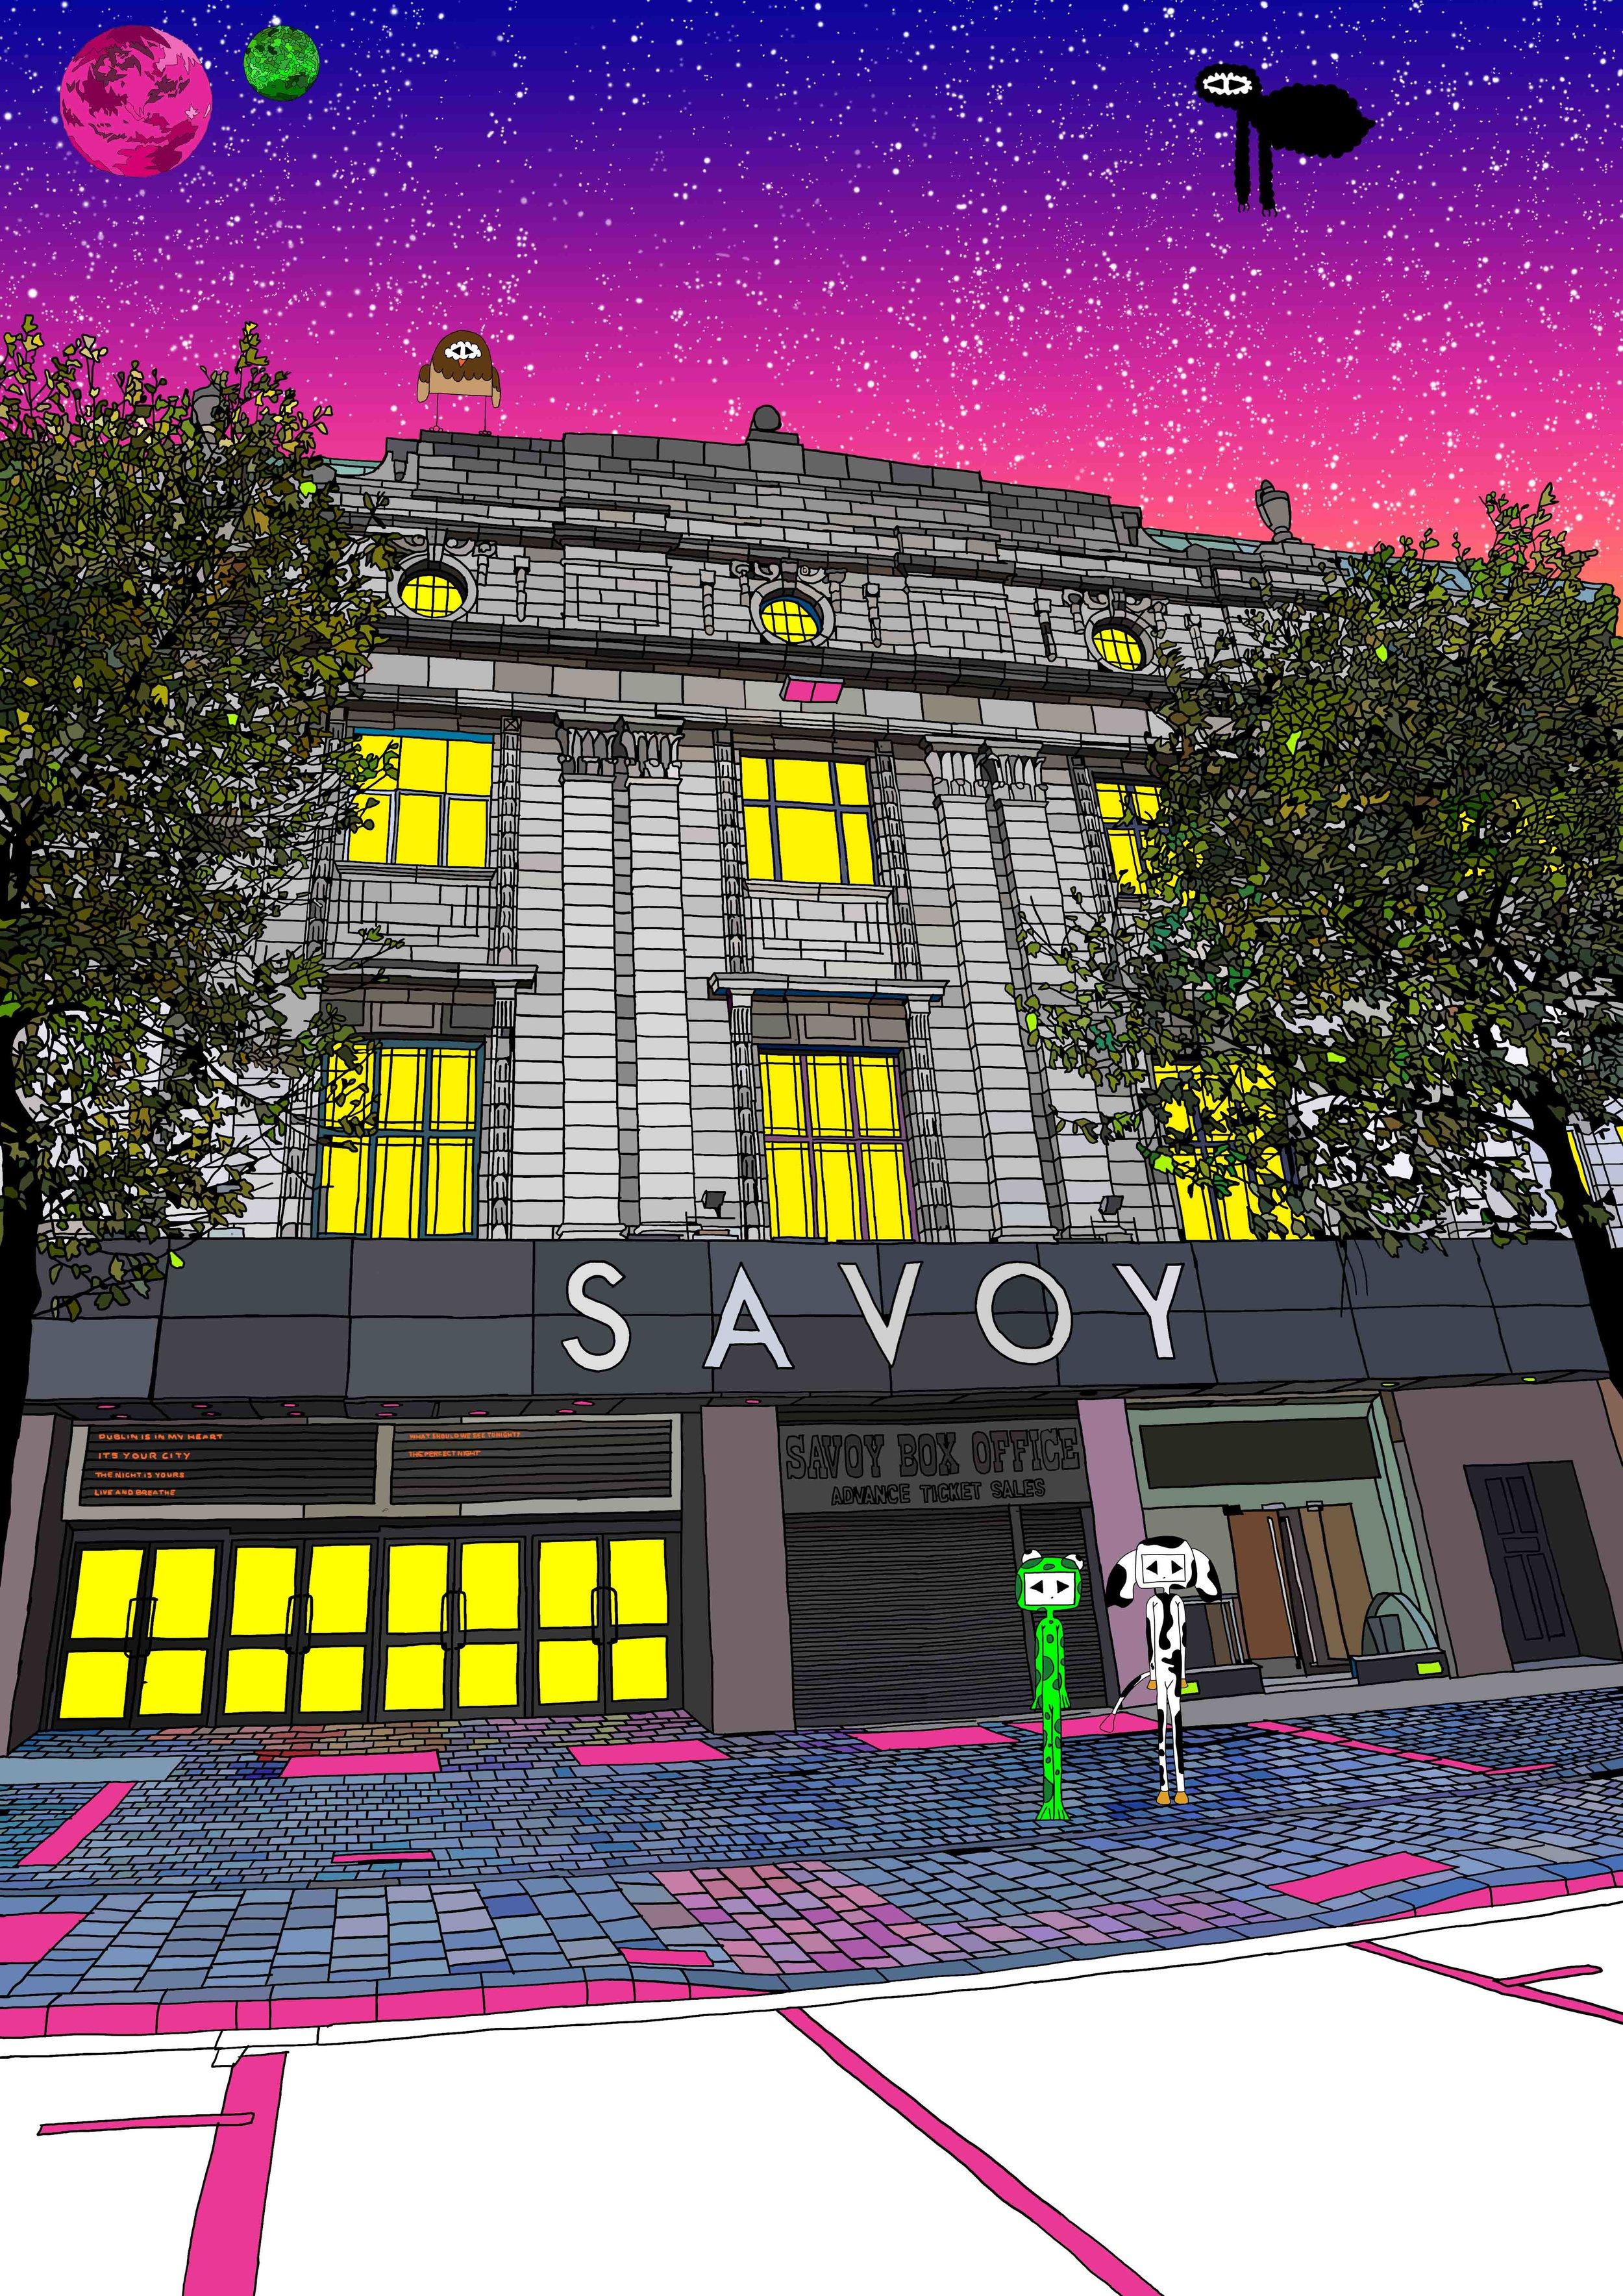 Sketchy Inc - The Savoy - Dublin